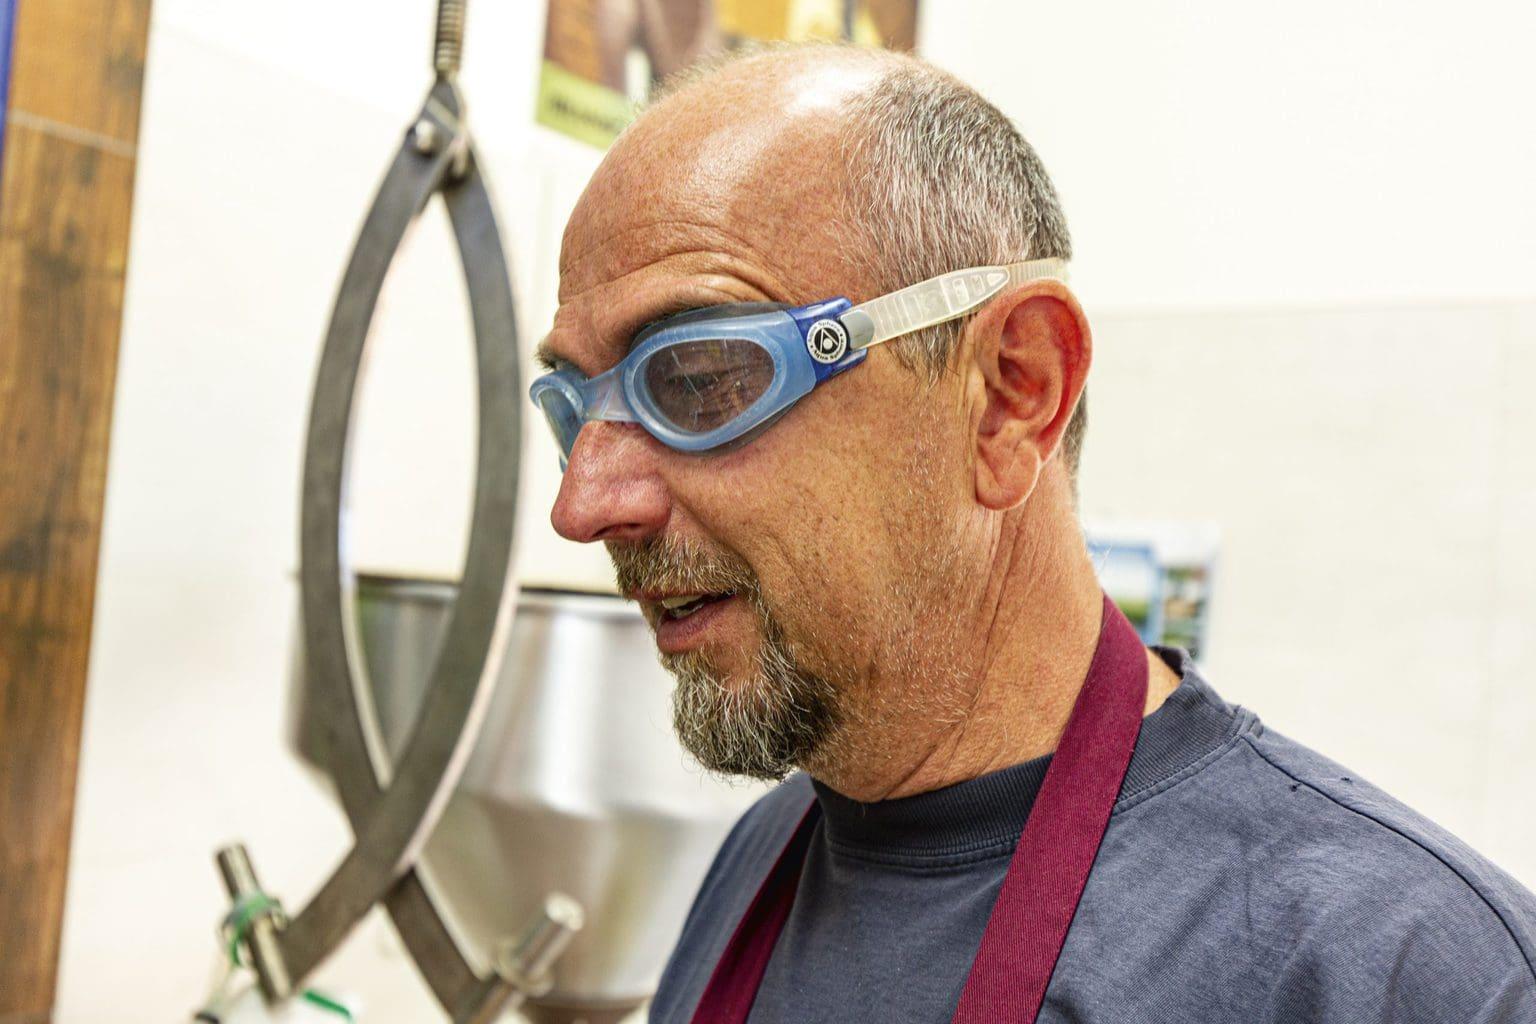 Voordat zijn ogen gaan tranen, zet Michael Kostross bij het malen van de scherpe zwarte mosterd liever een bril op